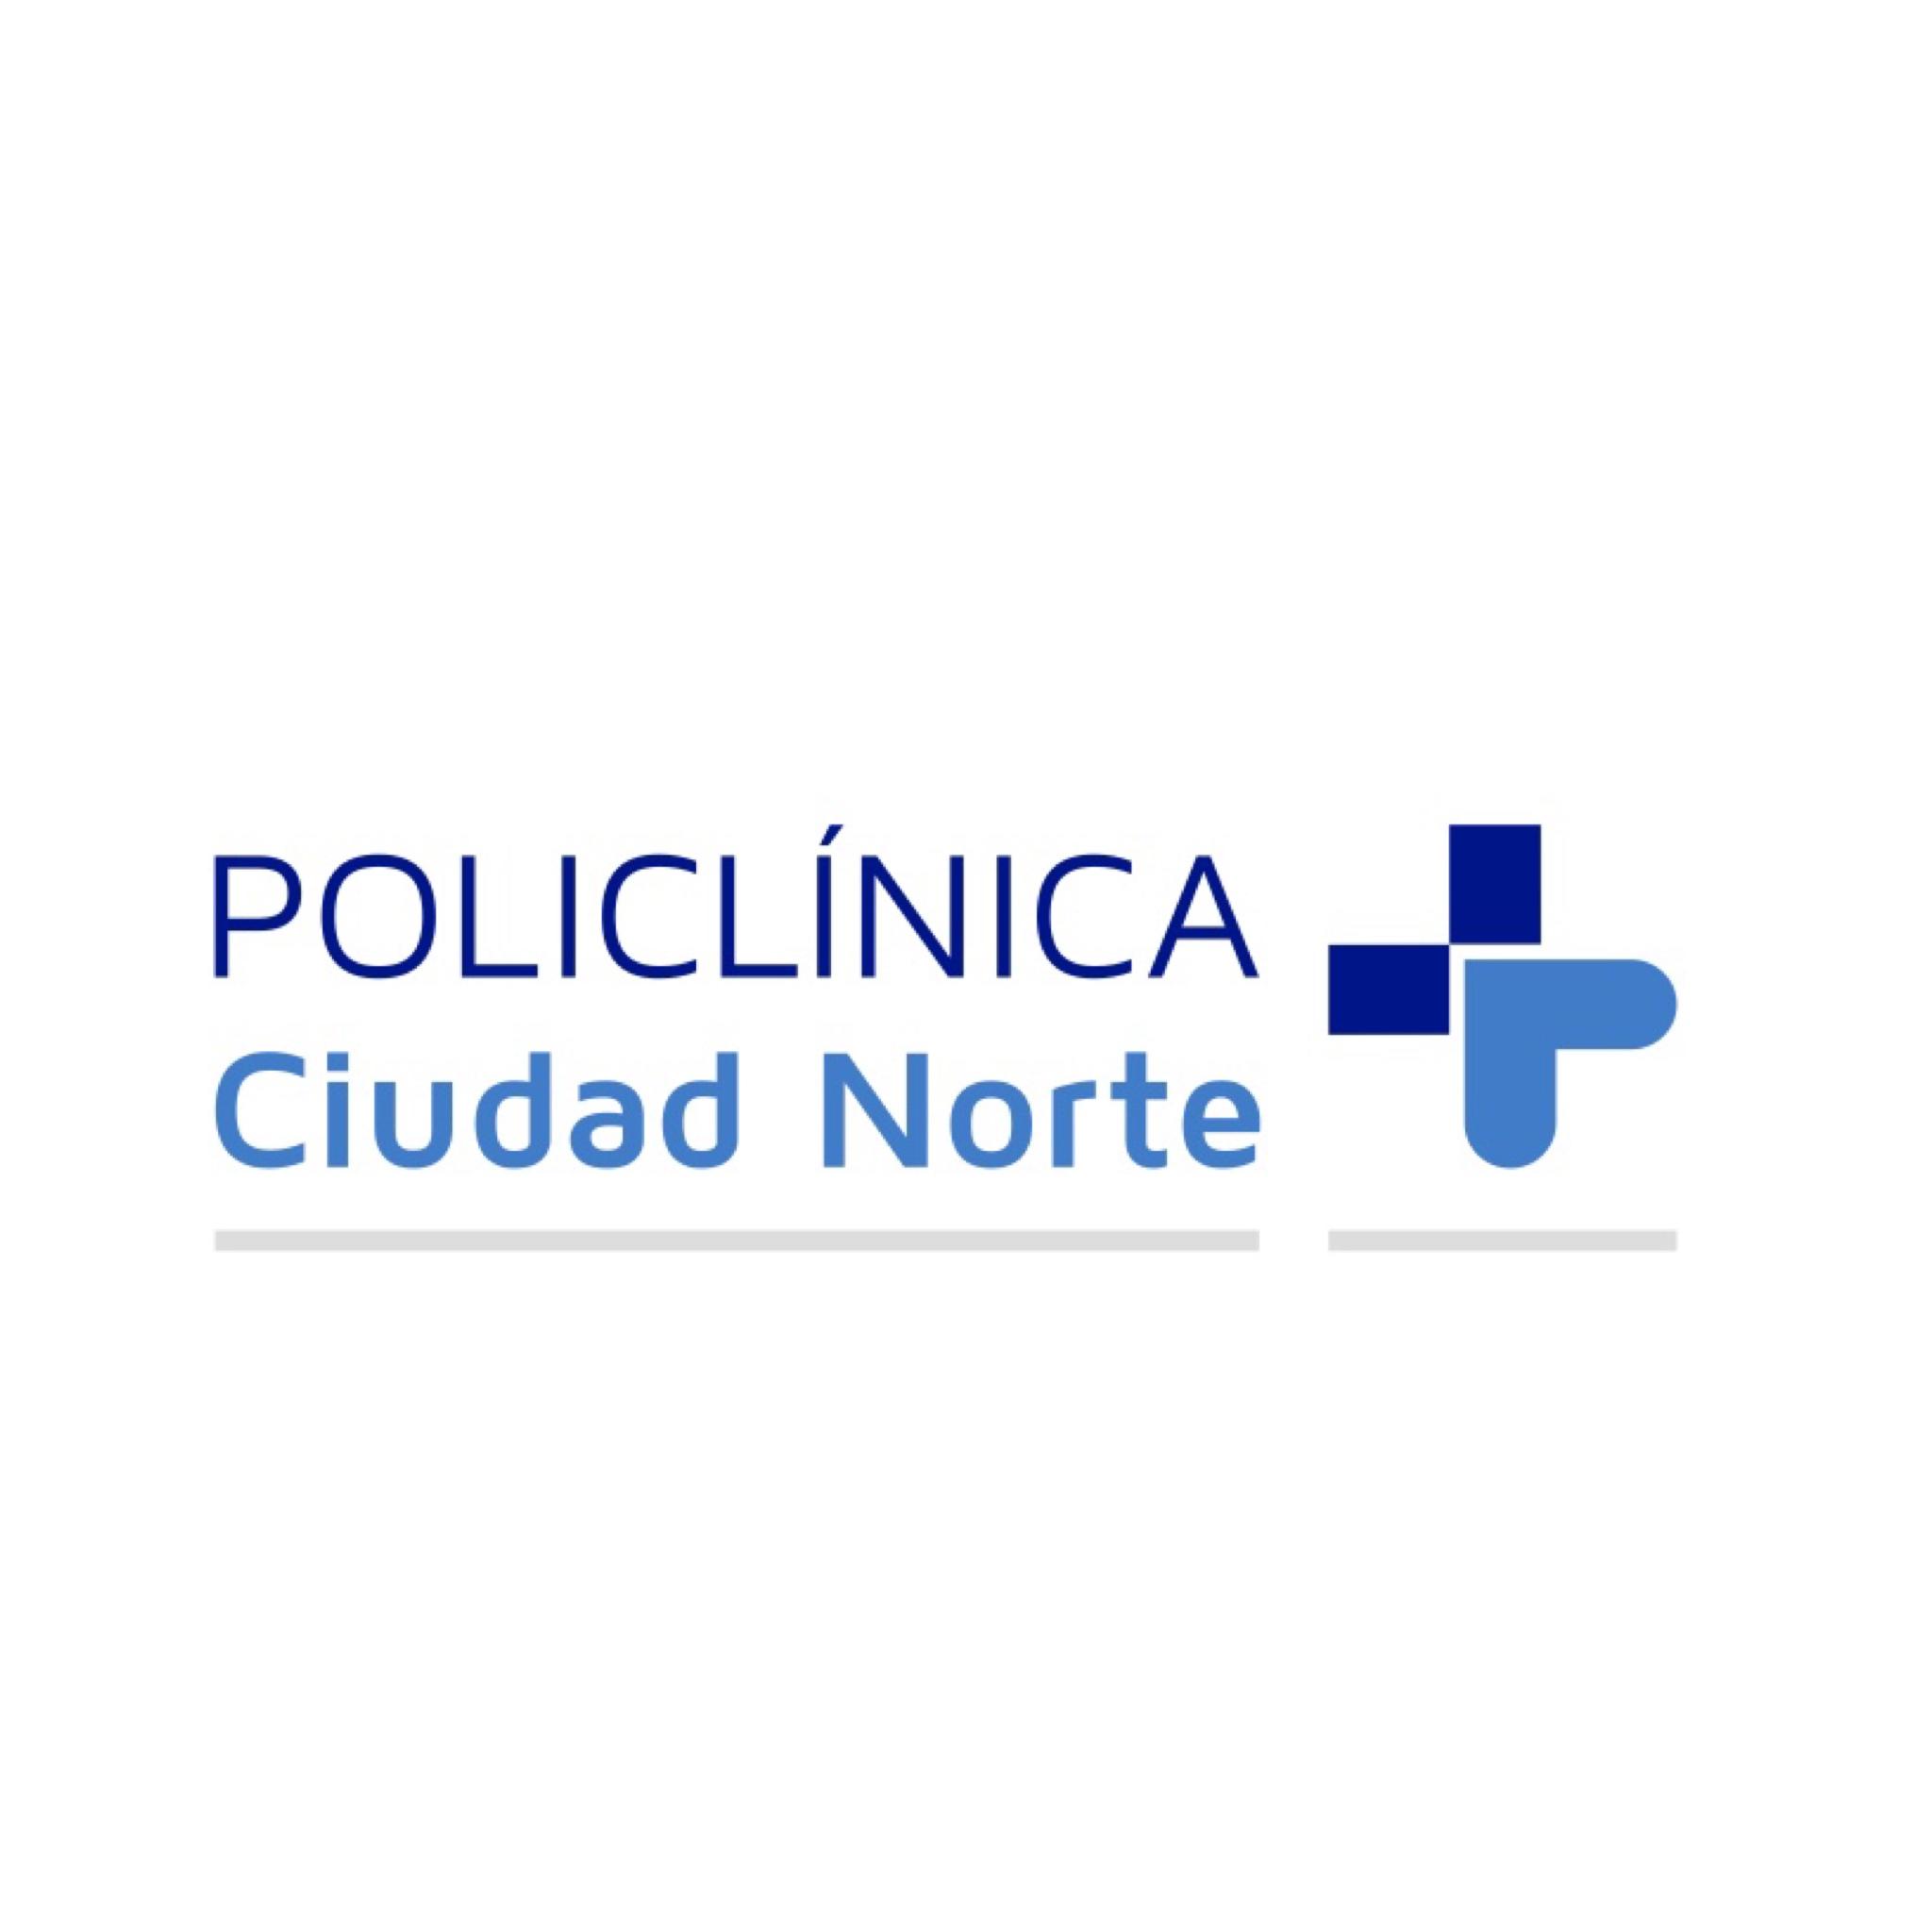 Policlínica Ciudad Norte